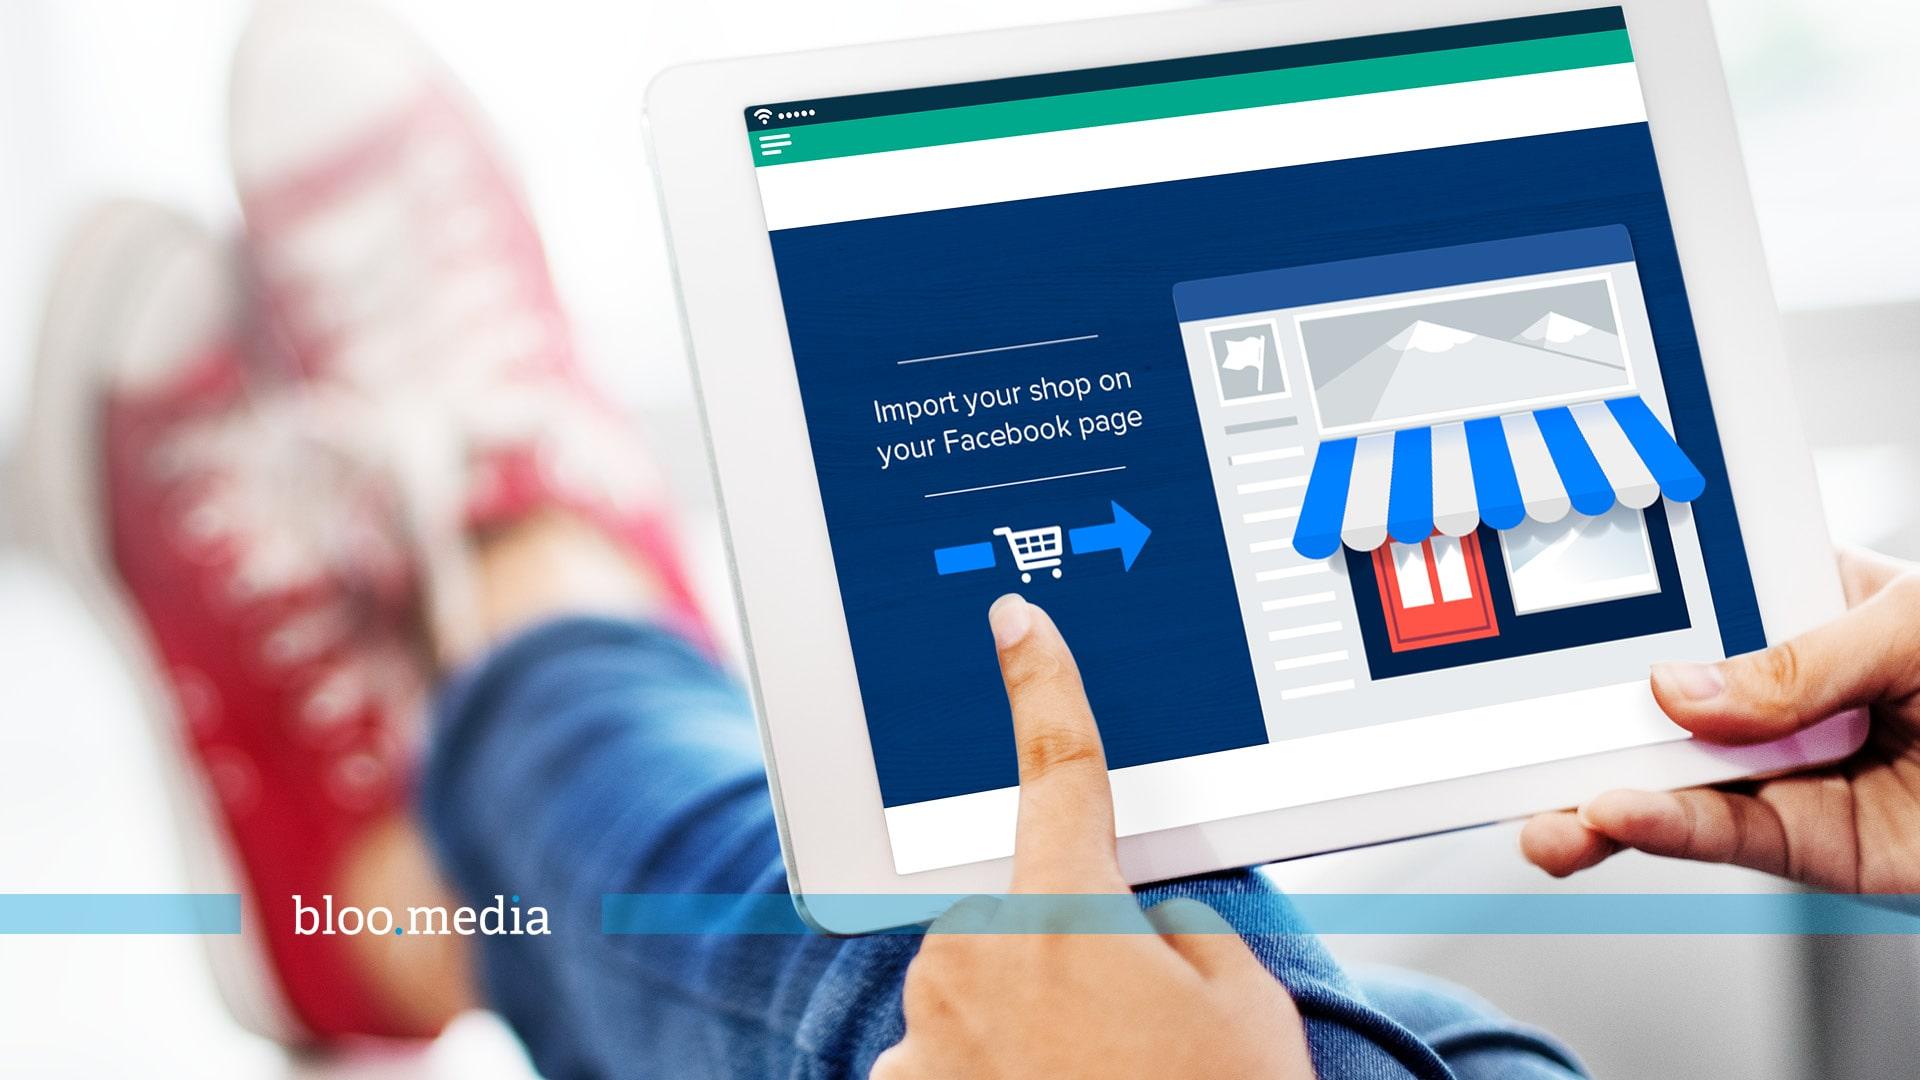 Cómo crear una tienda online en Facebook [Guía completa]